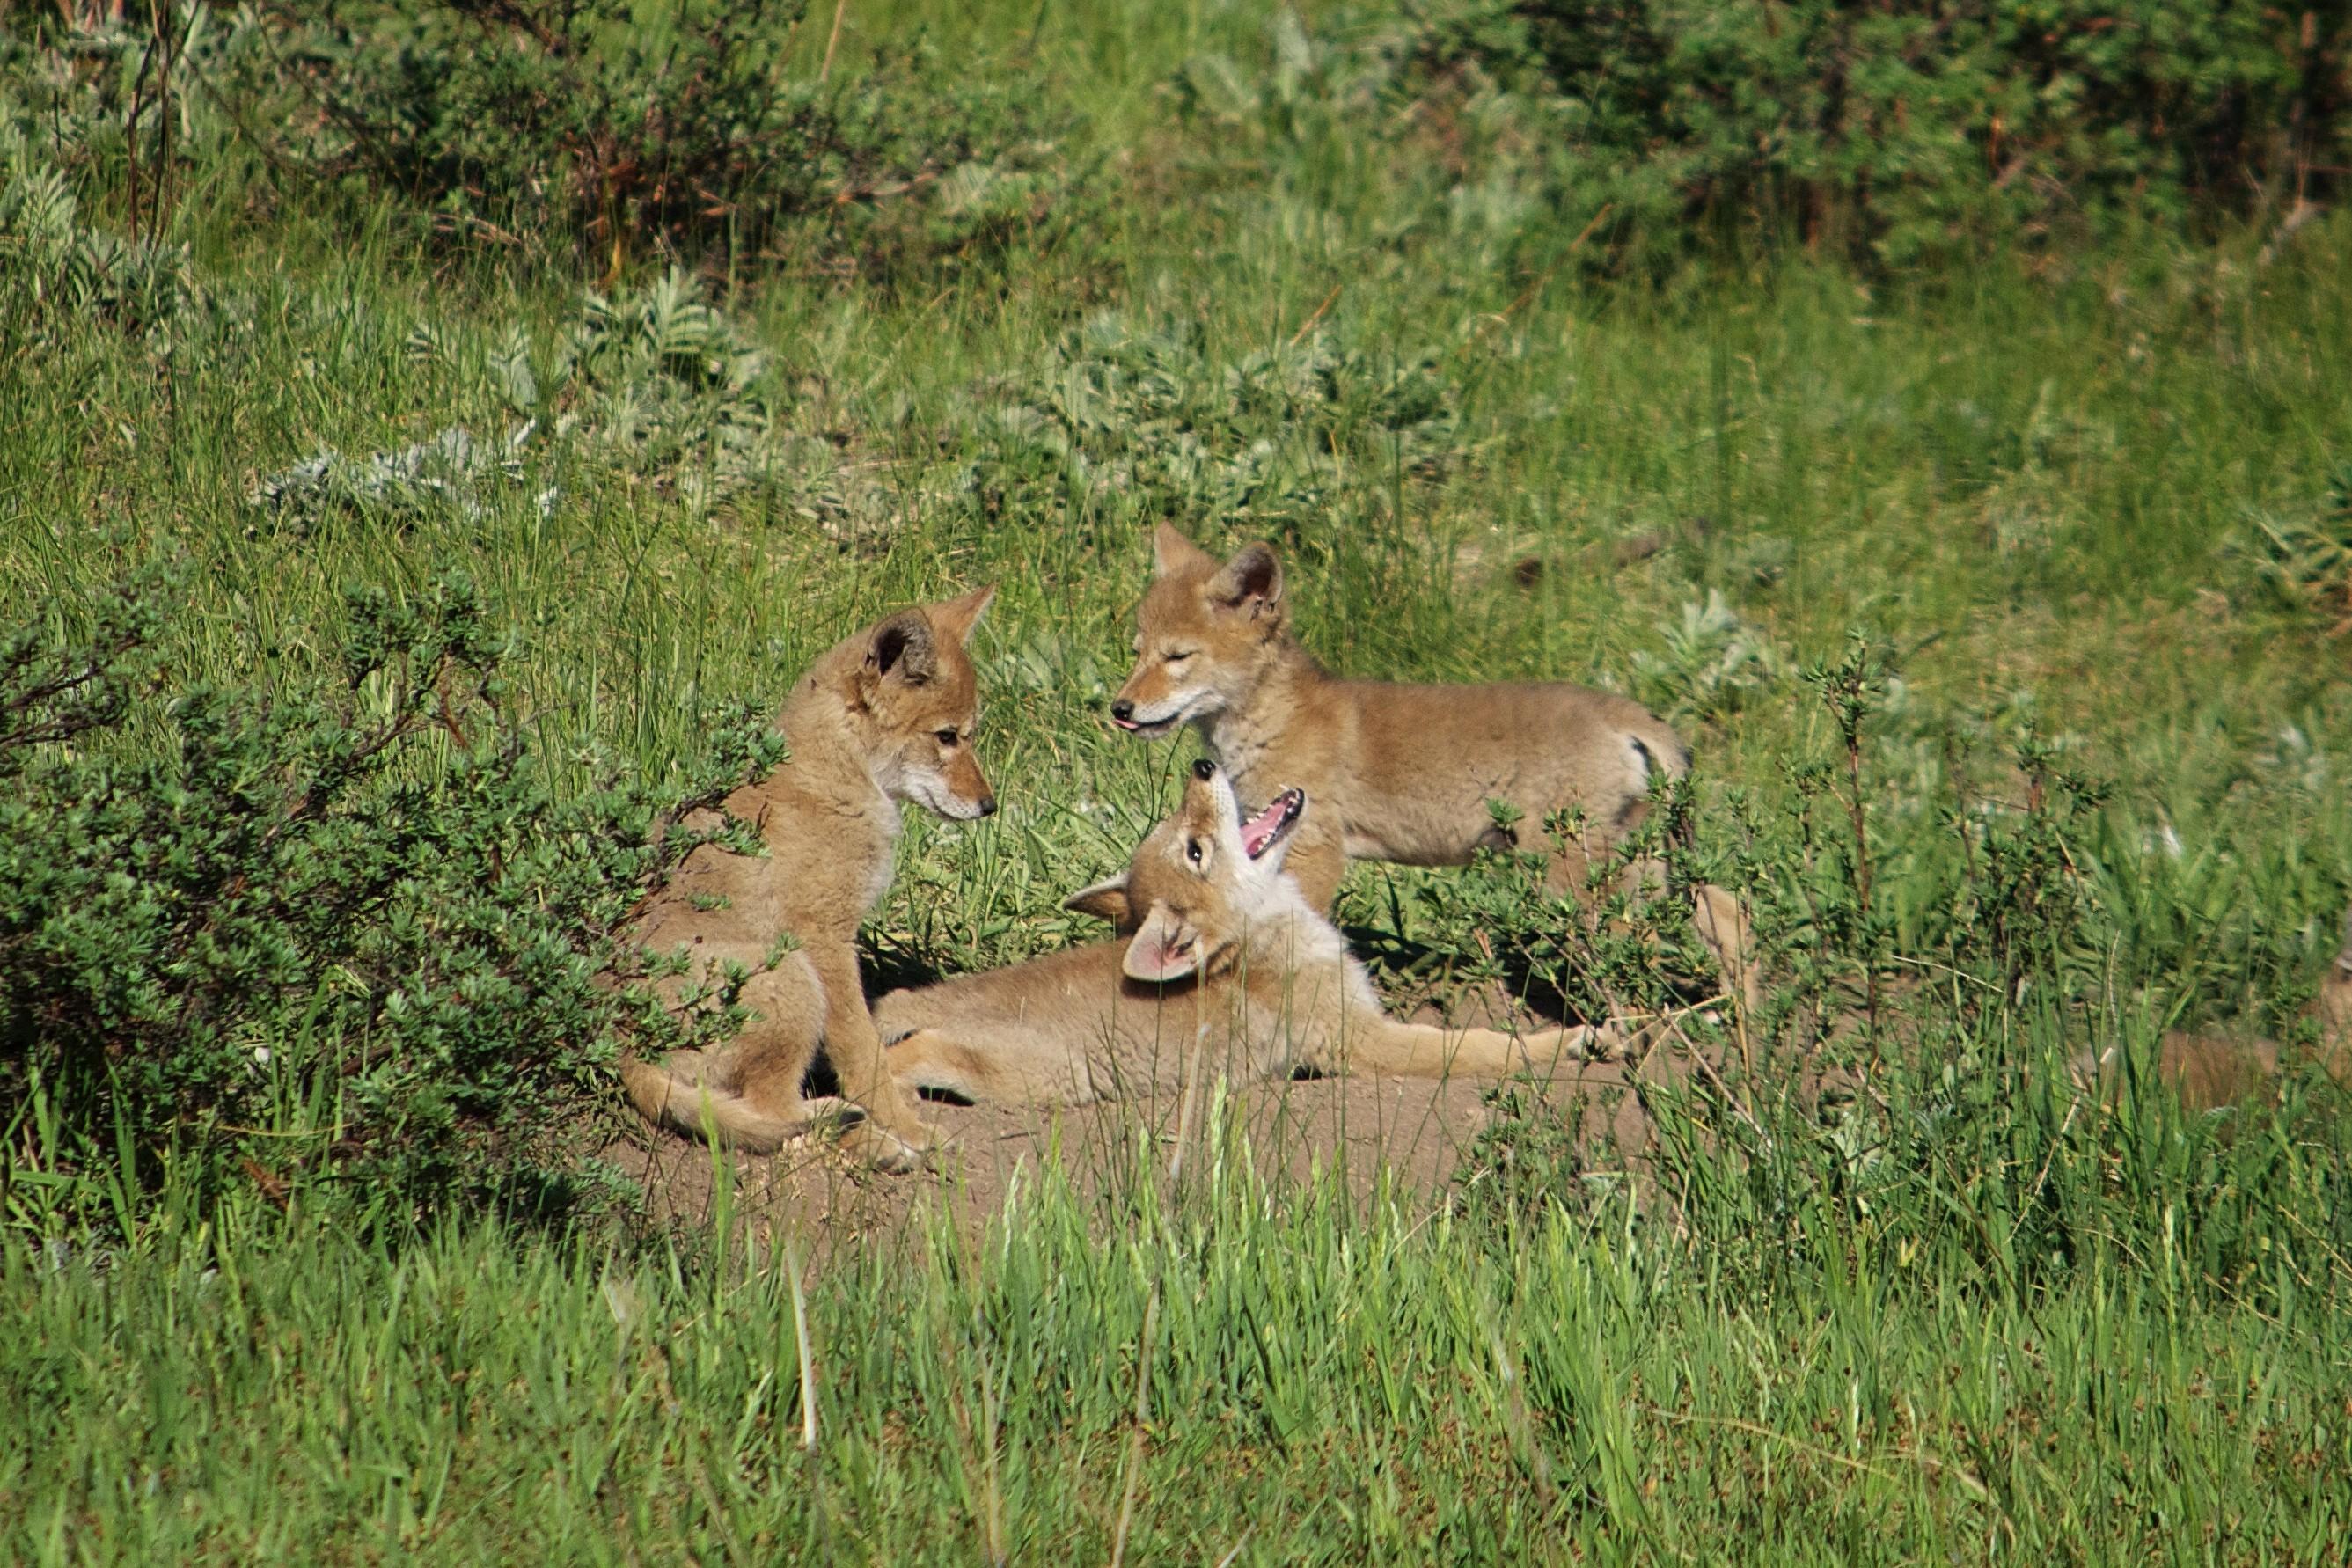 Coyote Pups at Play